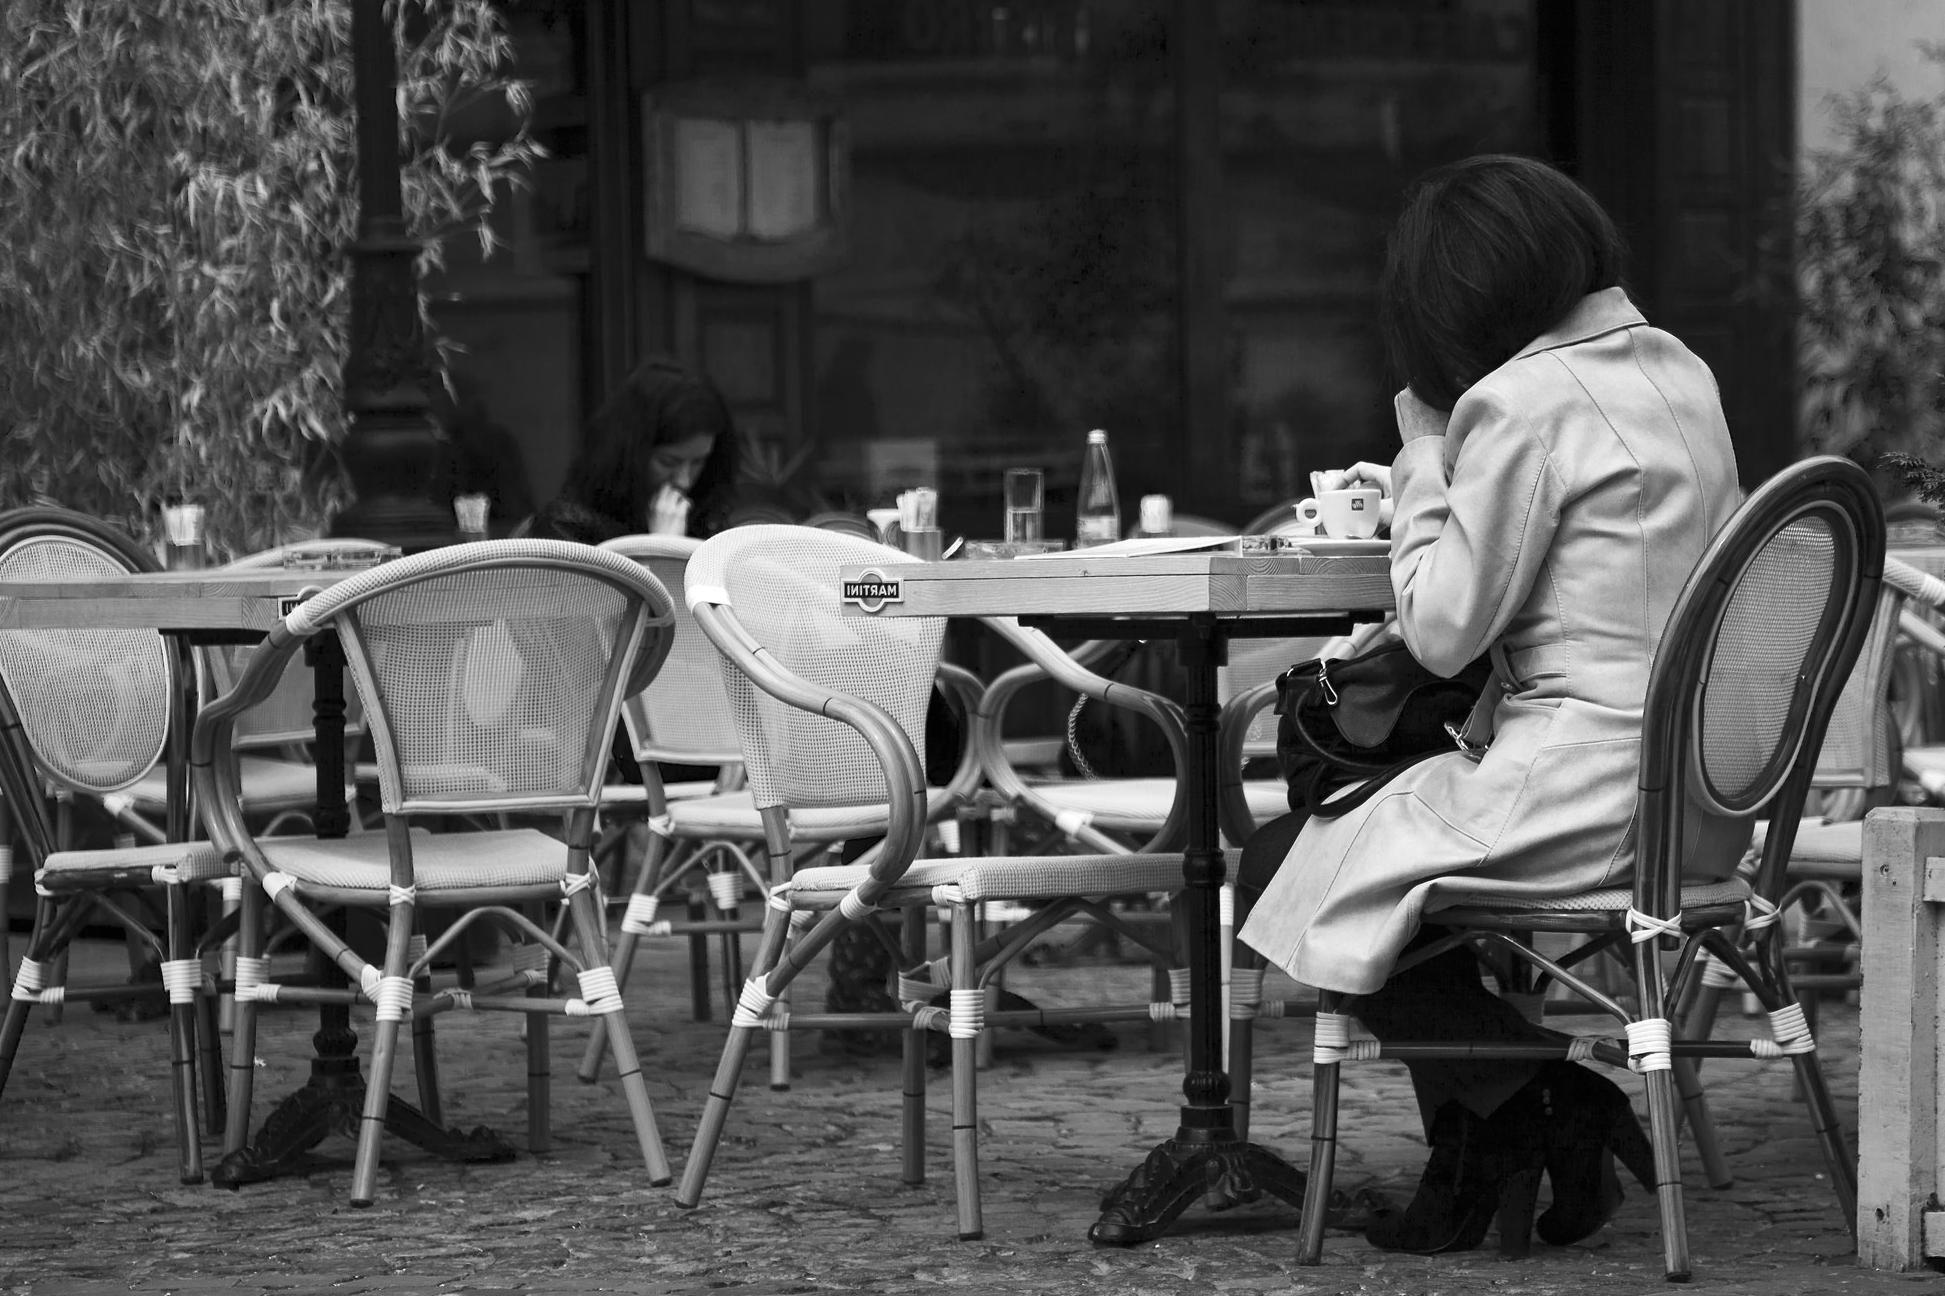 Foto gratis persone sedia mobili seduta monocromatico for La sedia camomilla